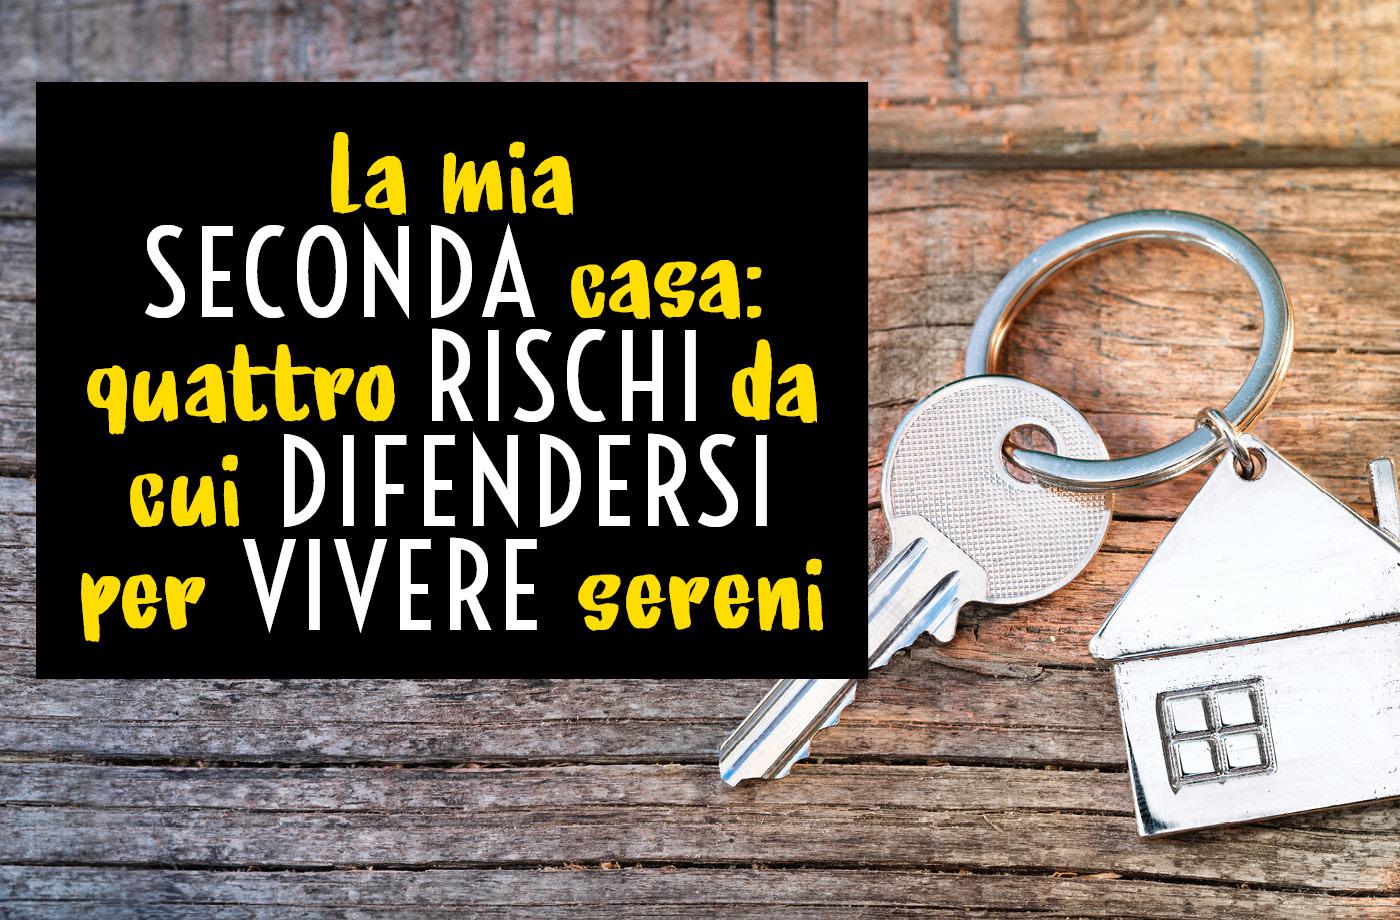 La mia seconda casa: quattro rischi da cui difendersi per vivere sereni